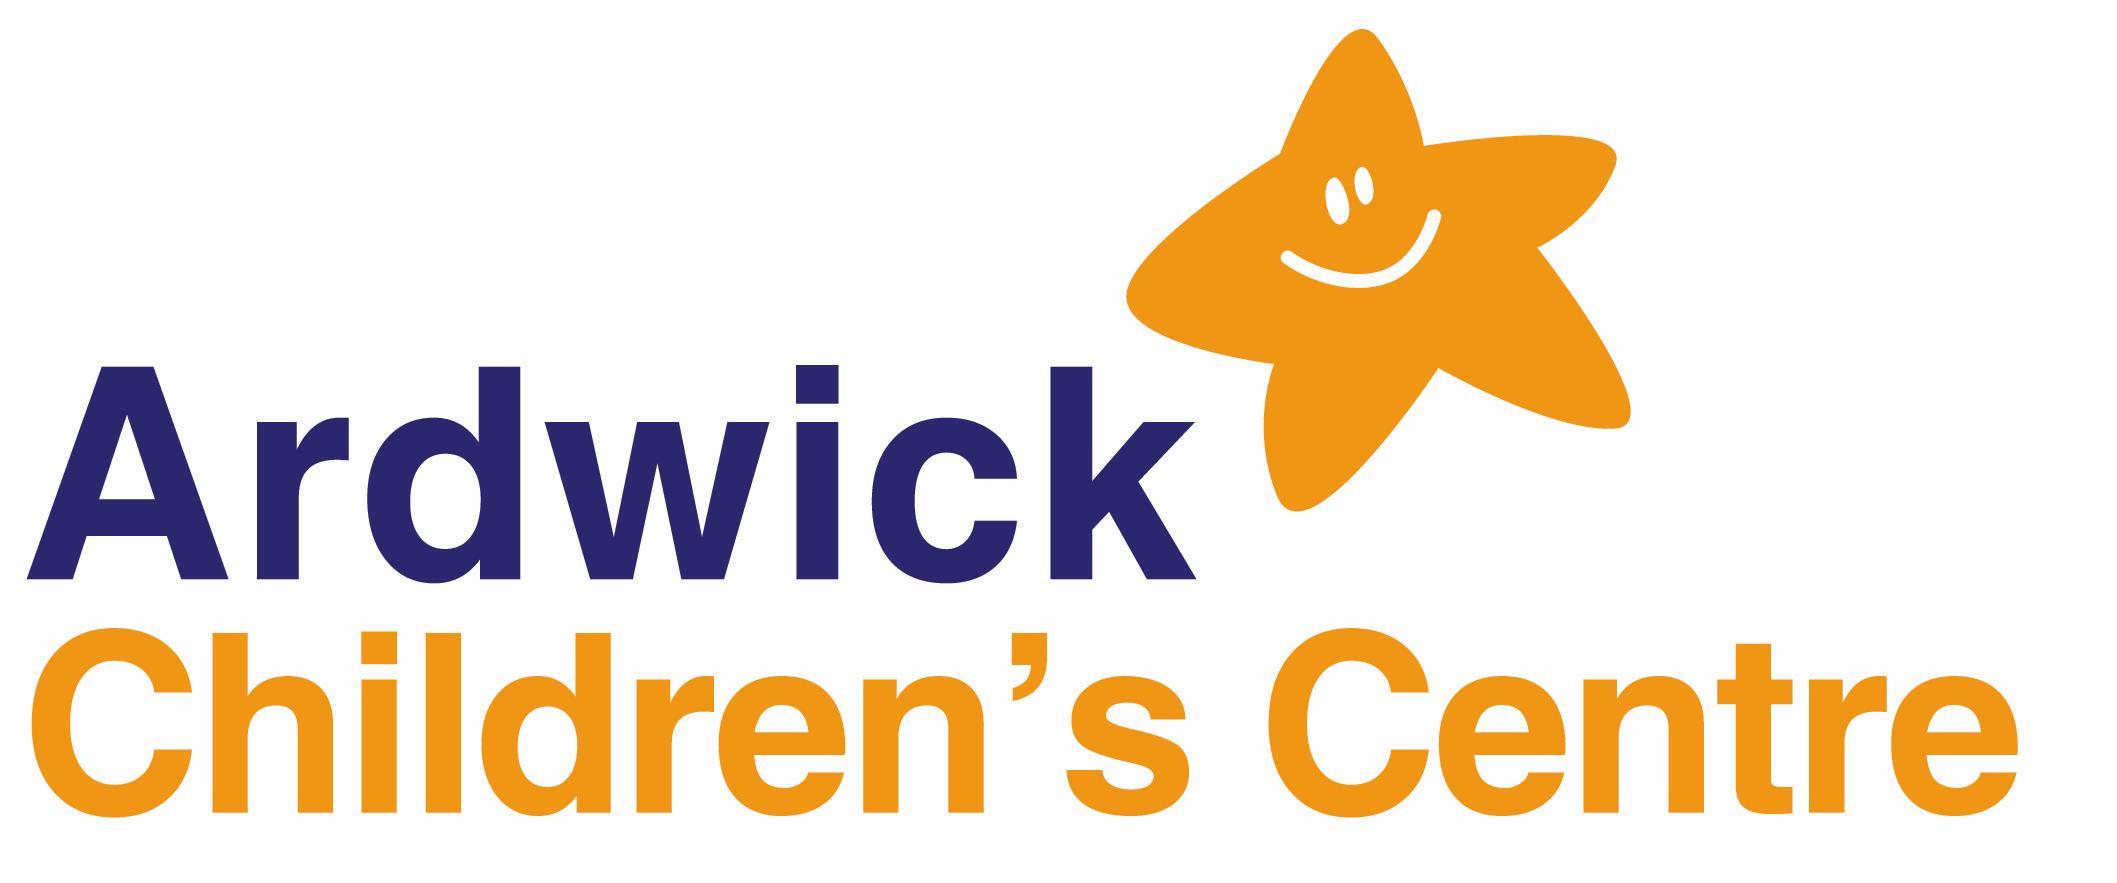 Ardwick Children's Centre